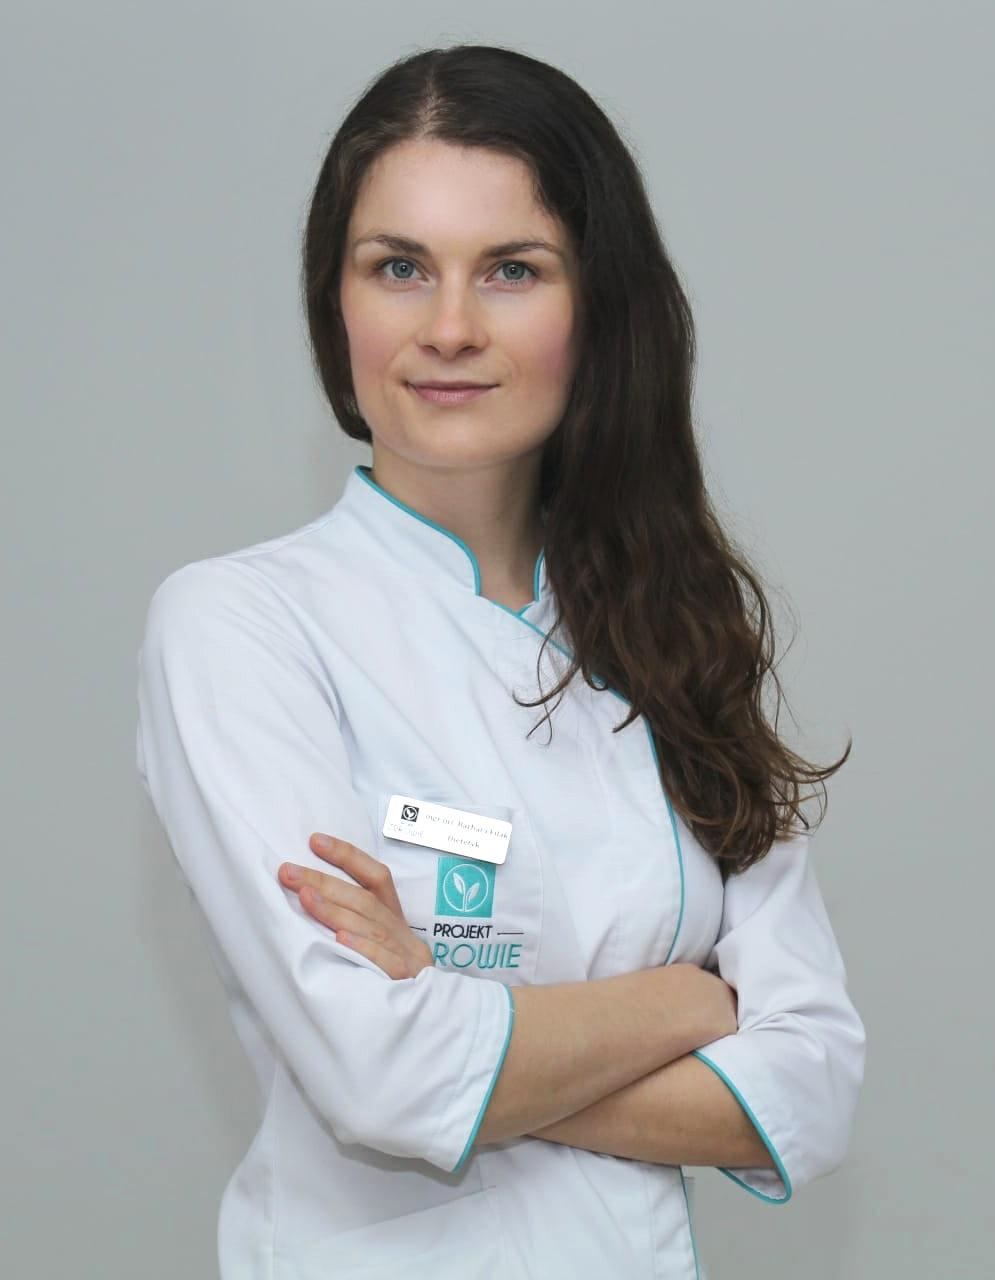 Barbara Filak